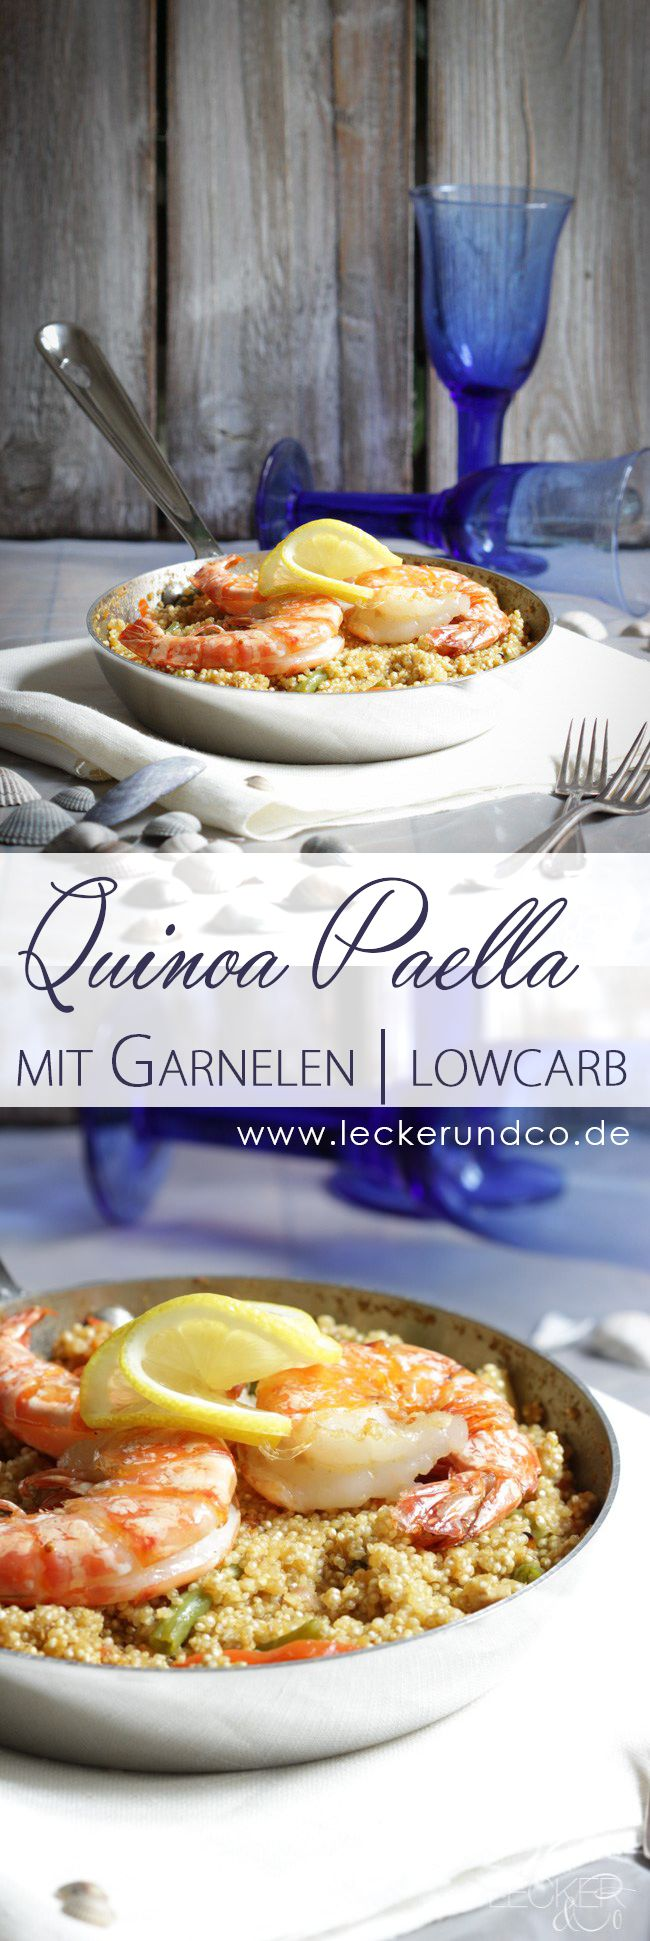 Quinoa Paella mit Garnelen und Schweinefilet